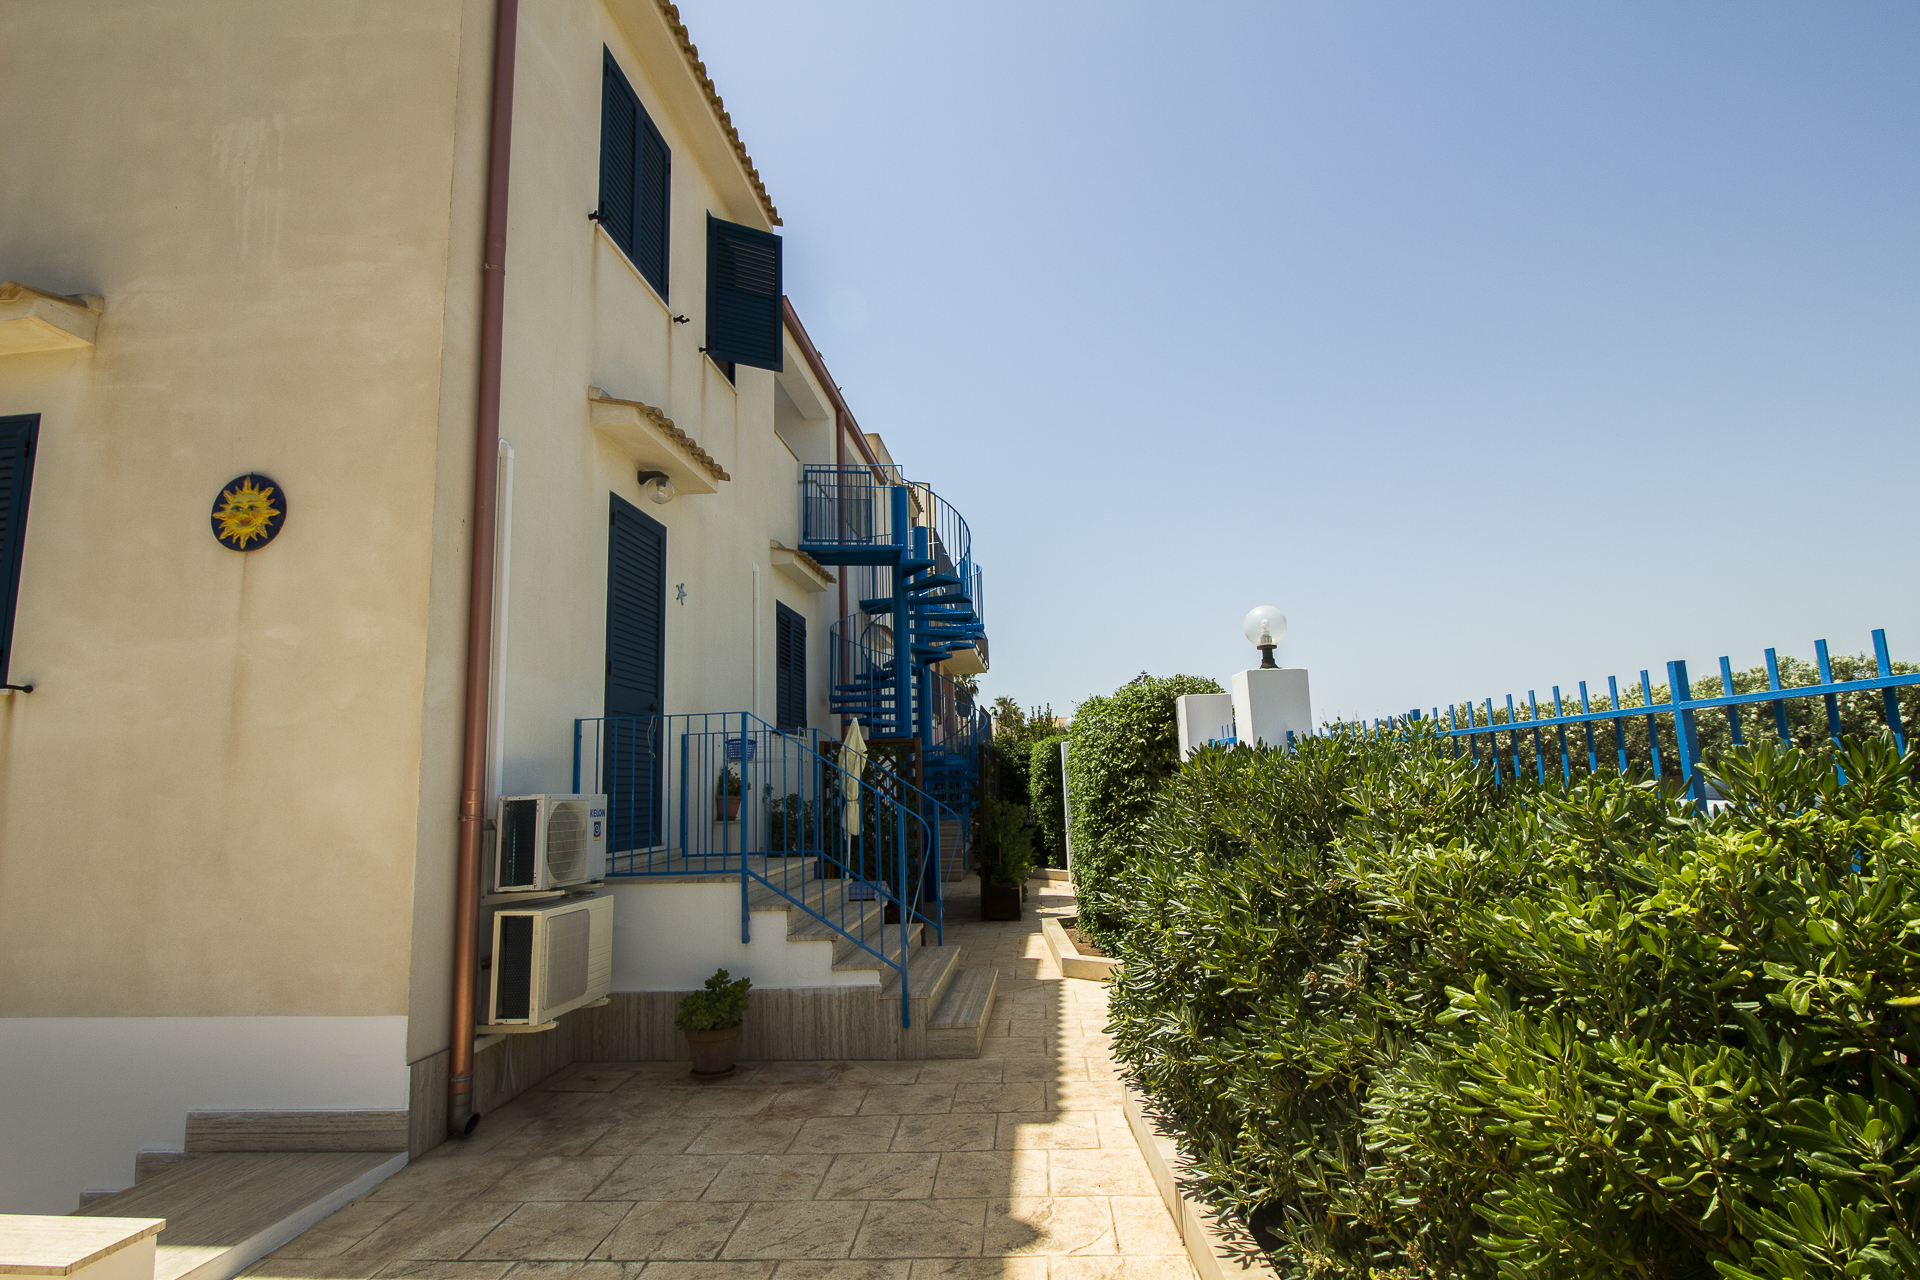 Casa vacanze Noto_sole_di_Sicilia_hotel_noto_marina_vacanze_noto_avola_siracusa_marzamemi_B&B_noto_camere_appartamenti_noto_mare_45